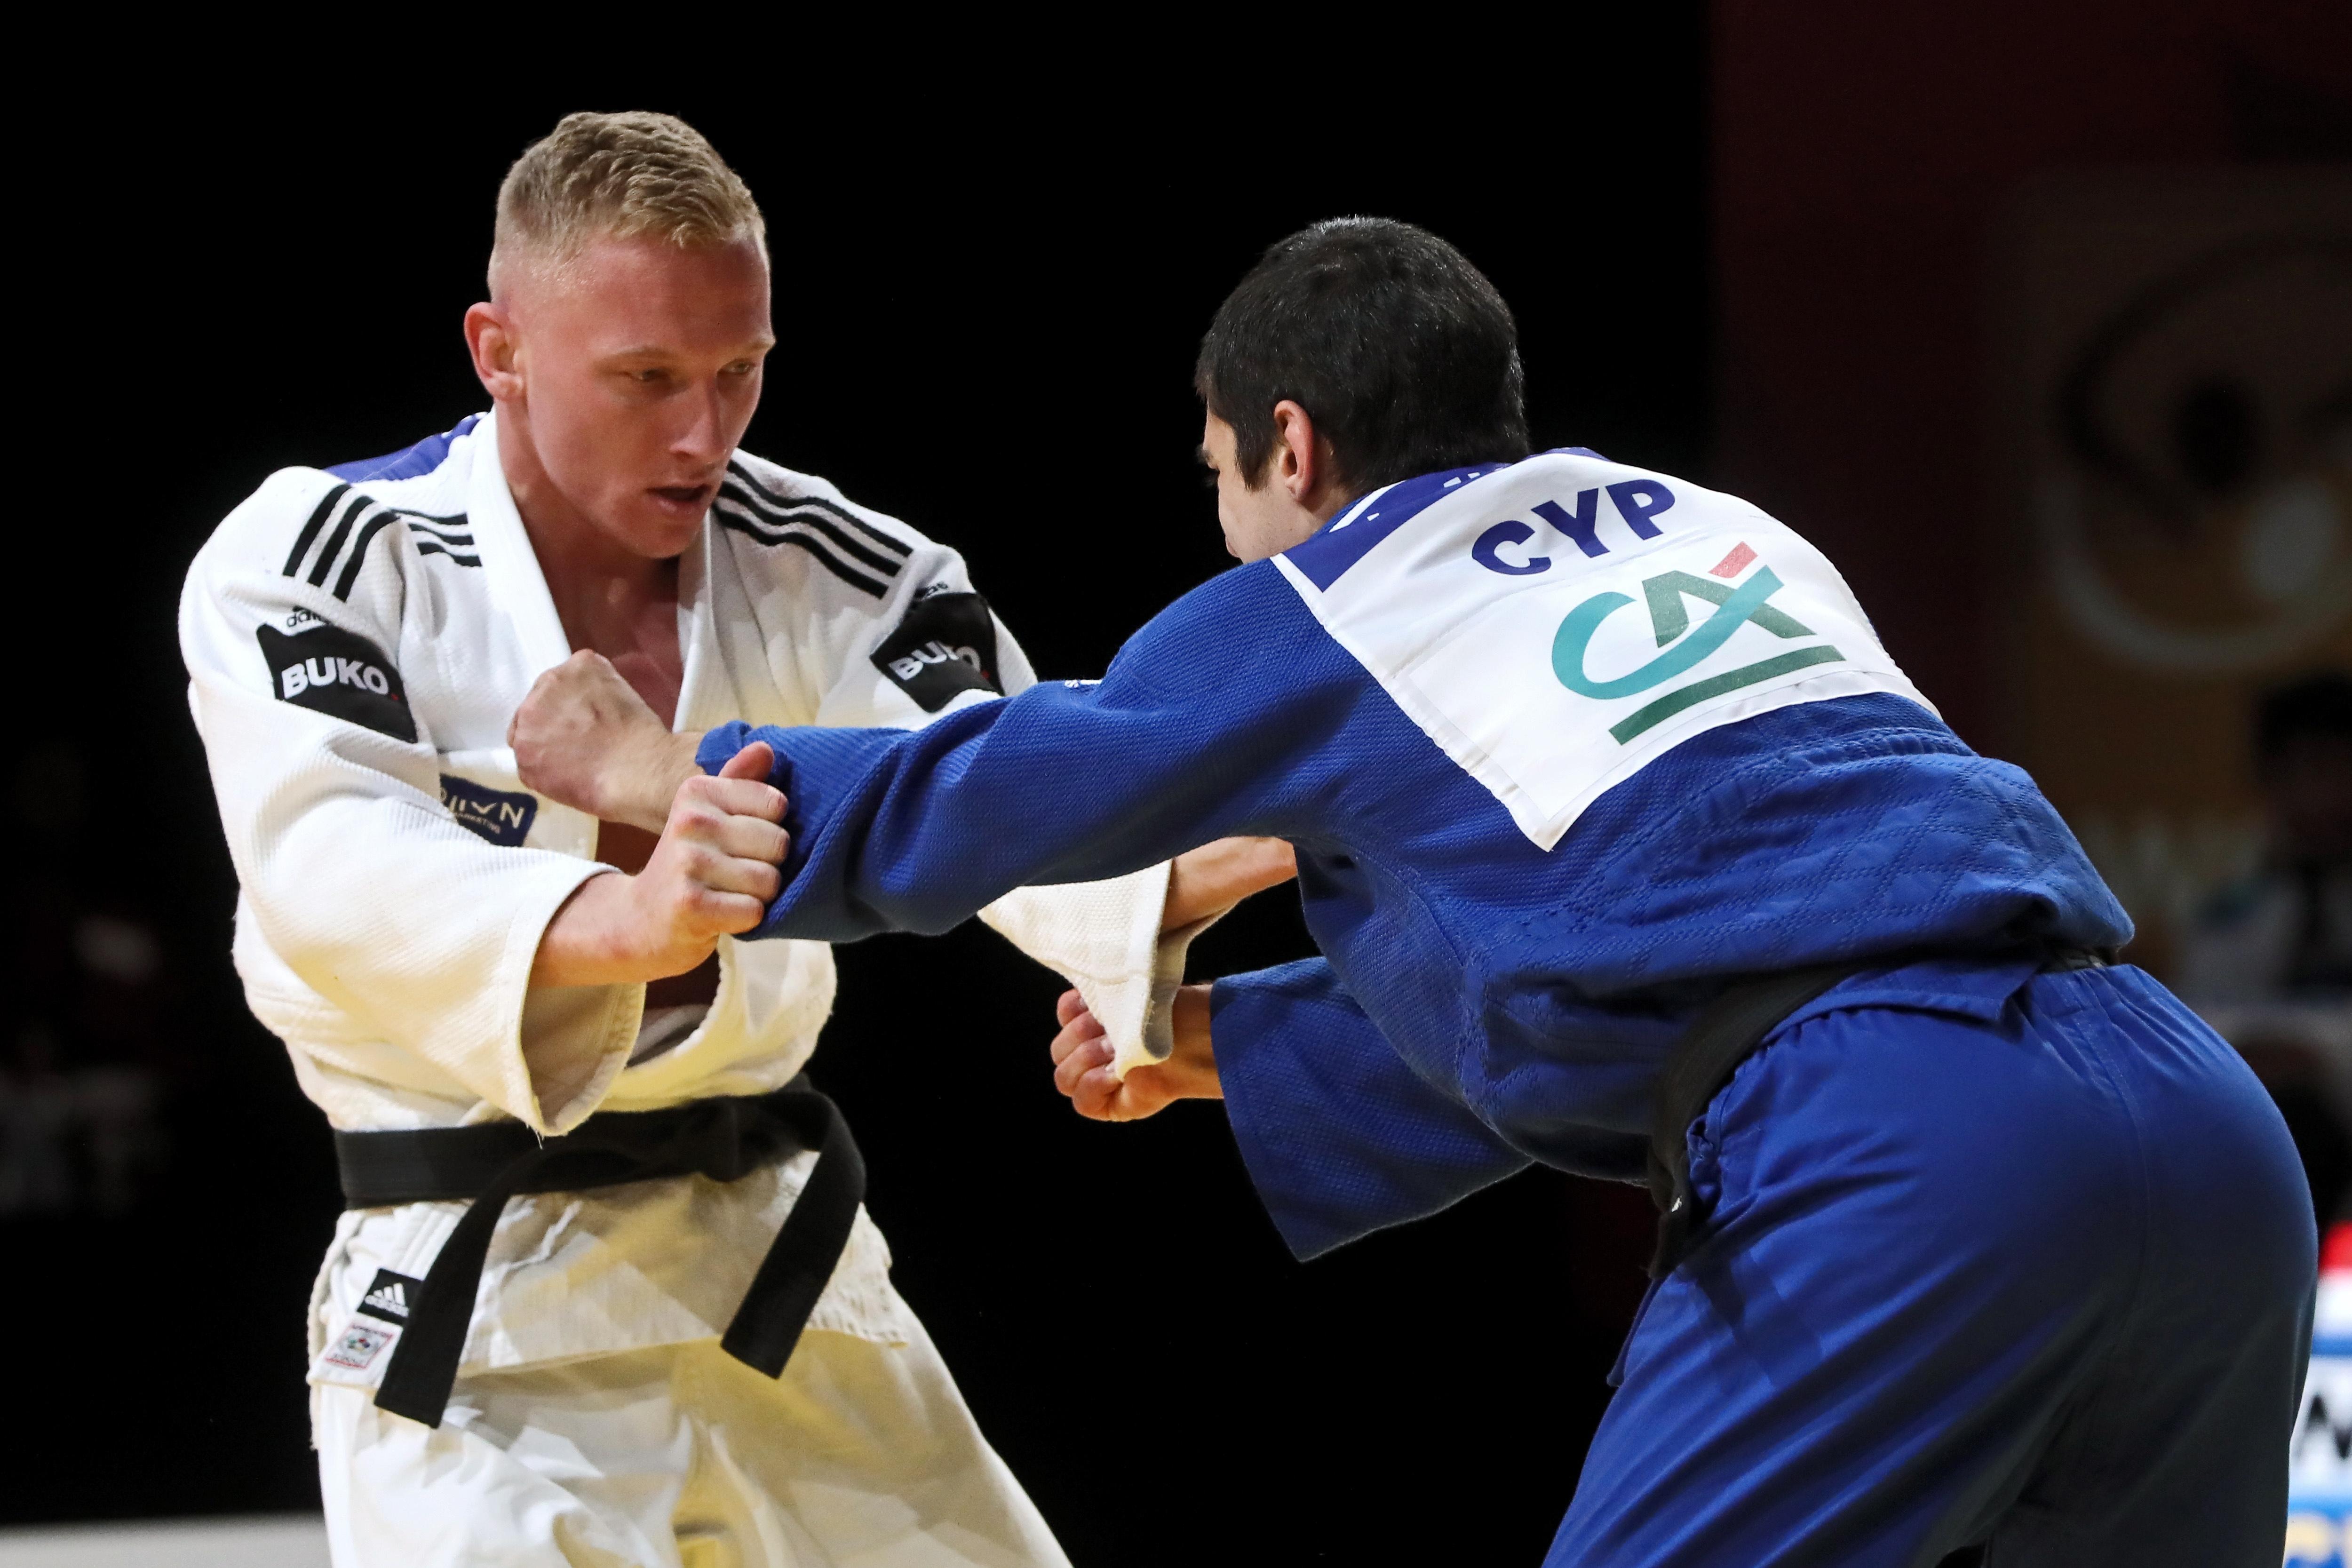 Judoka Frank de Wit was zo goed als zeker van deelname aan Olympische Spelen in Tokio, maar hij zit thuis bij zijn ouders in Heemskerk: 'Ik leef van dag tot dag'